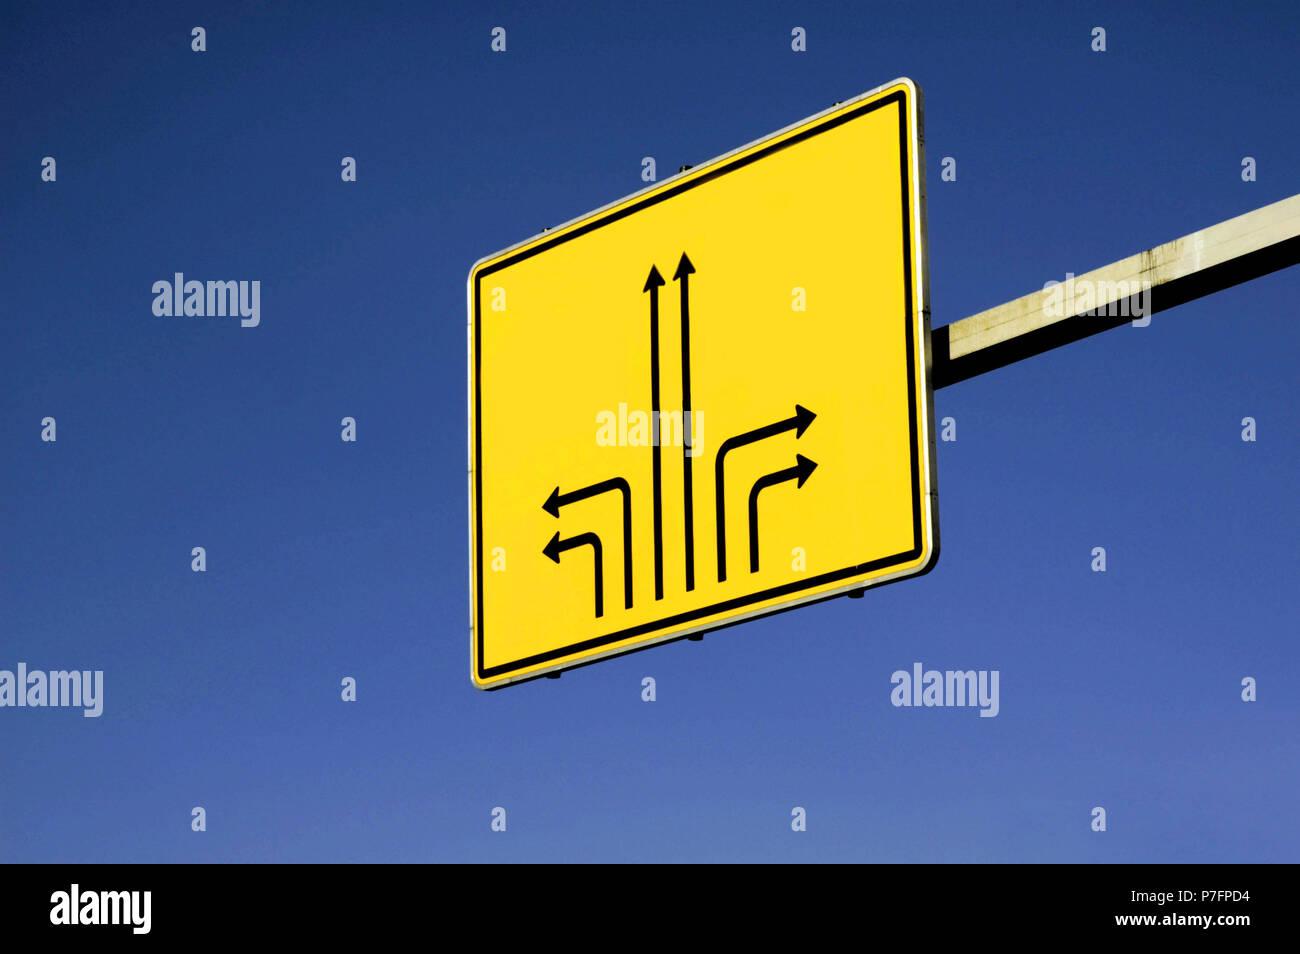 Orientación, desorientación, dirección, inútil señal de tráfico, Alemania Foto de stock